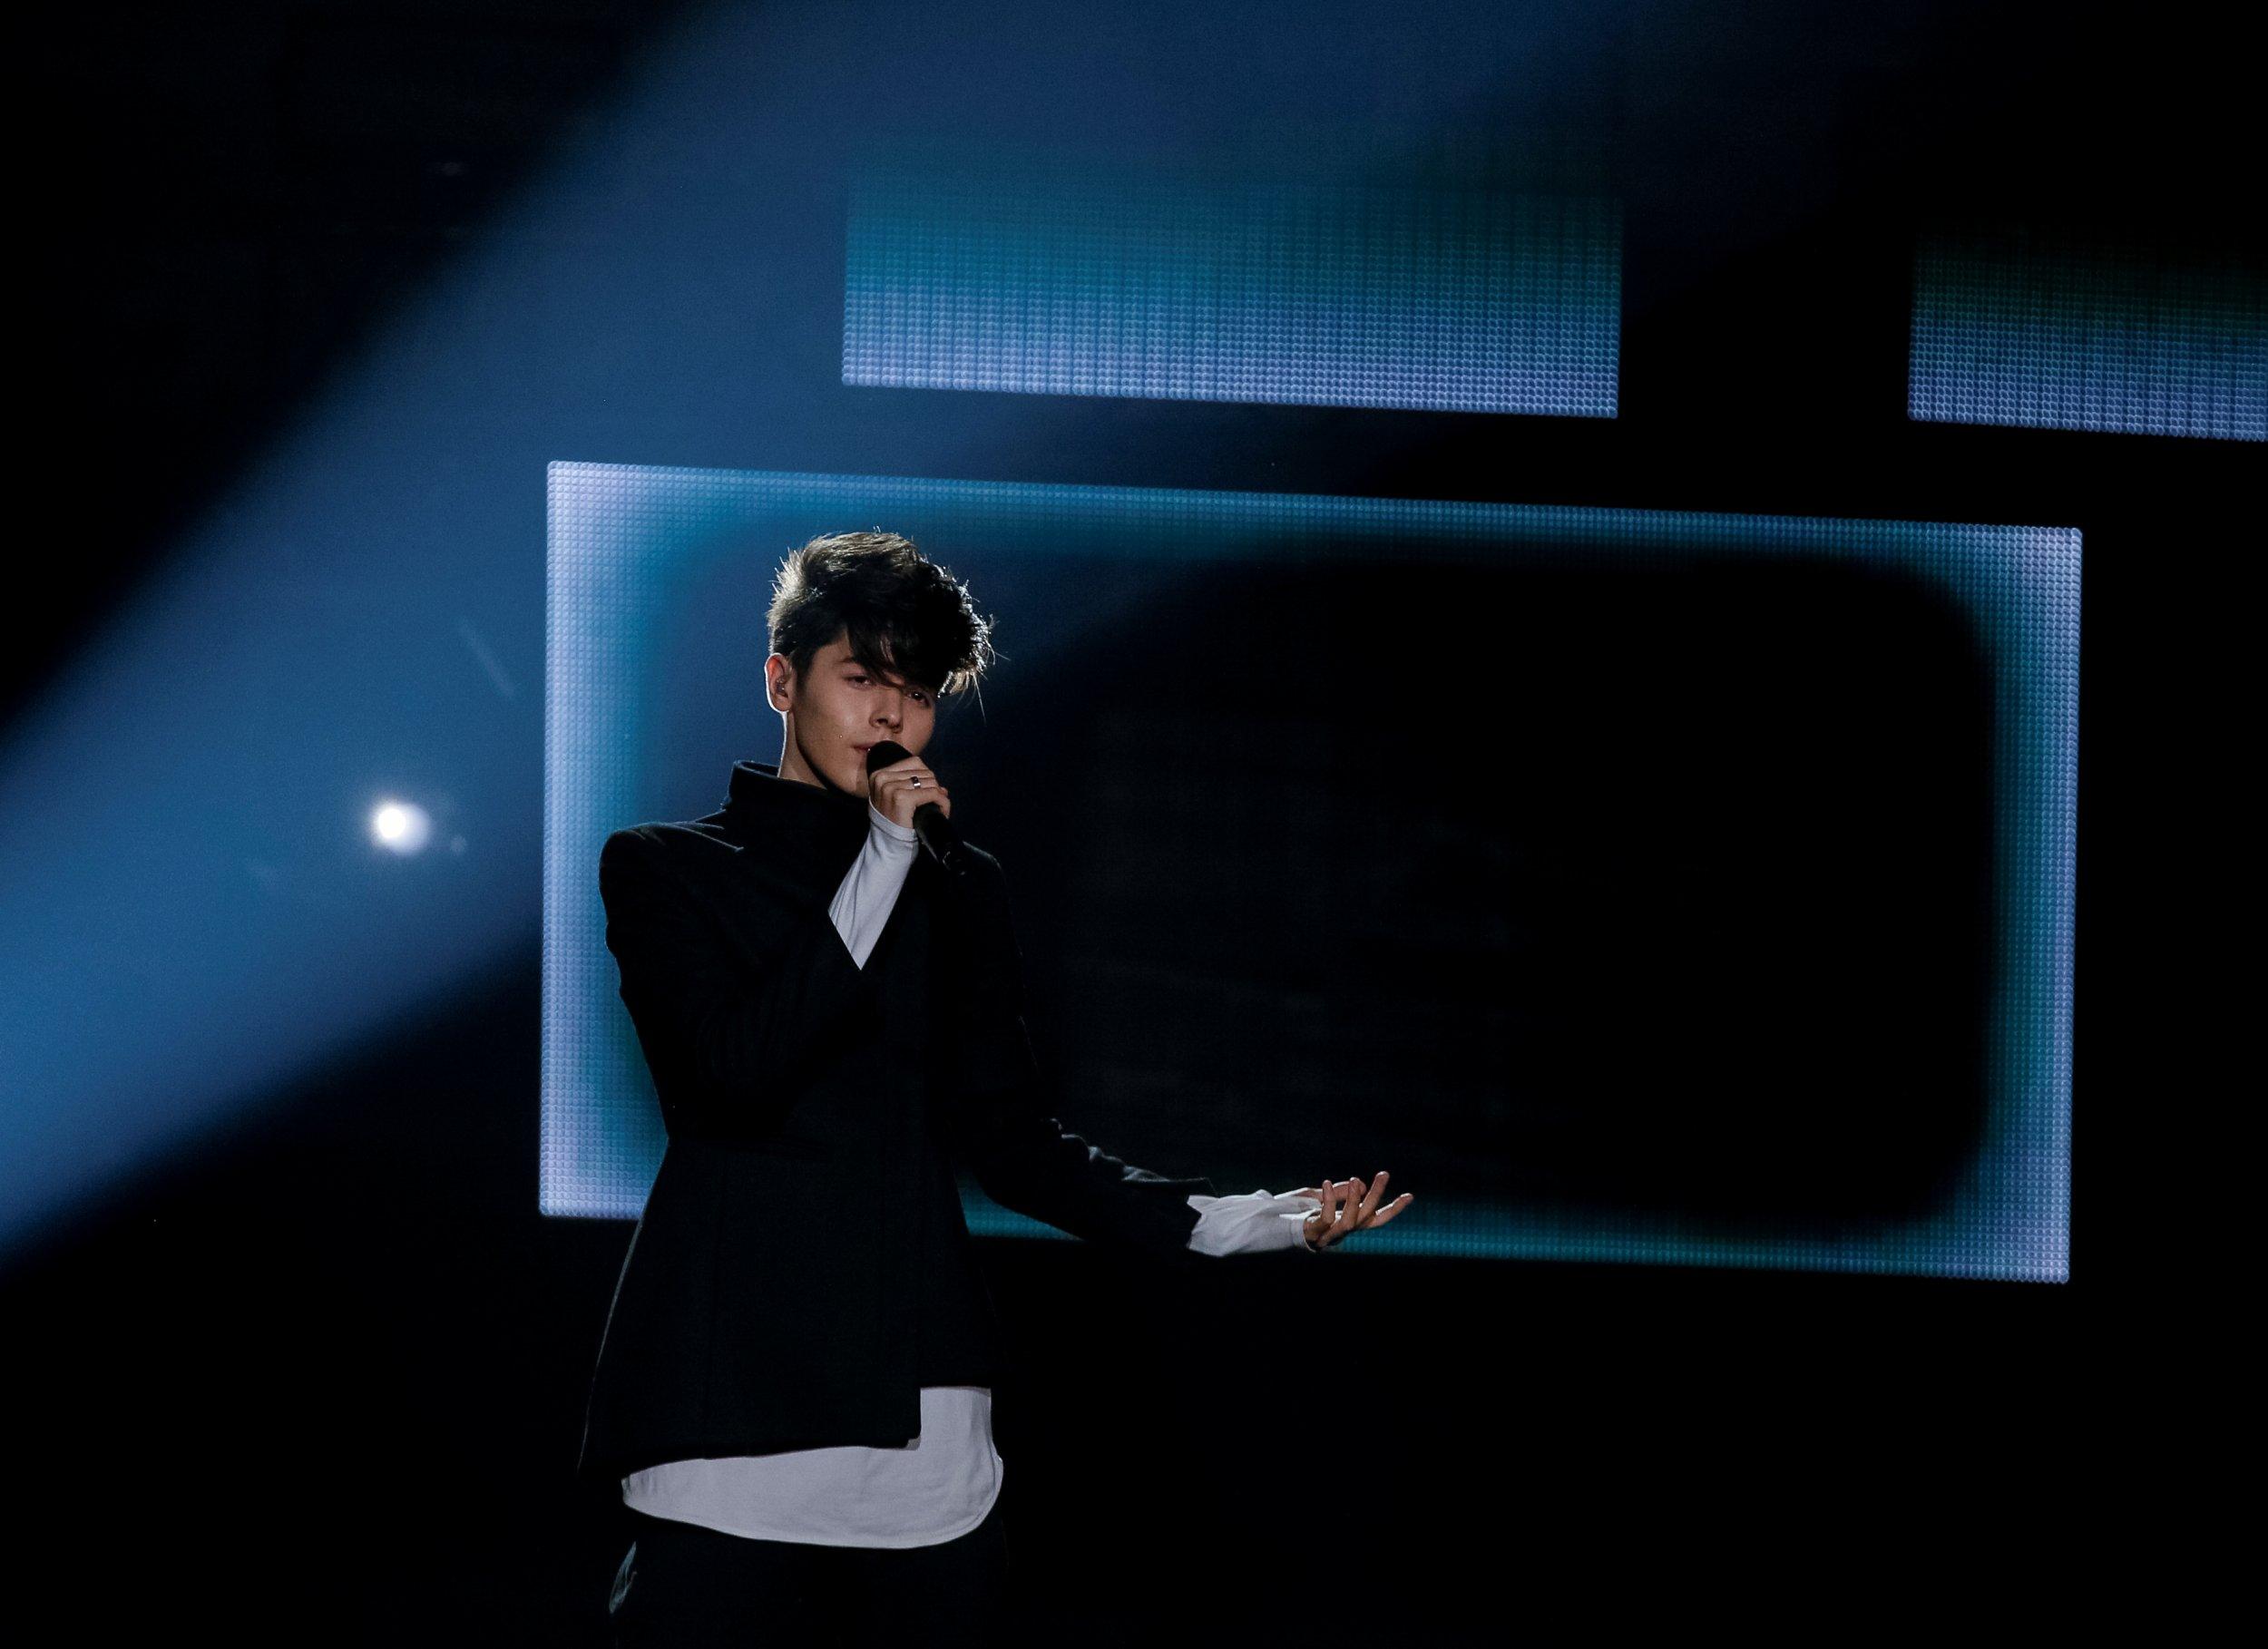 Bulgaria's Kristian Kostov at Eurovision 2017